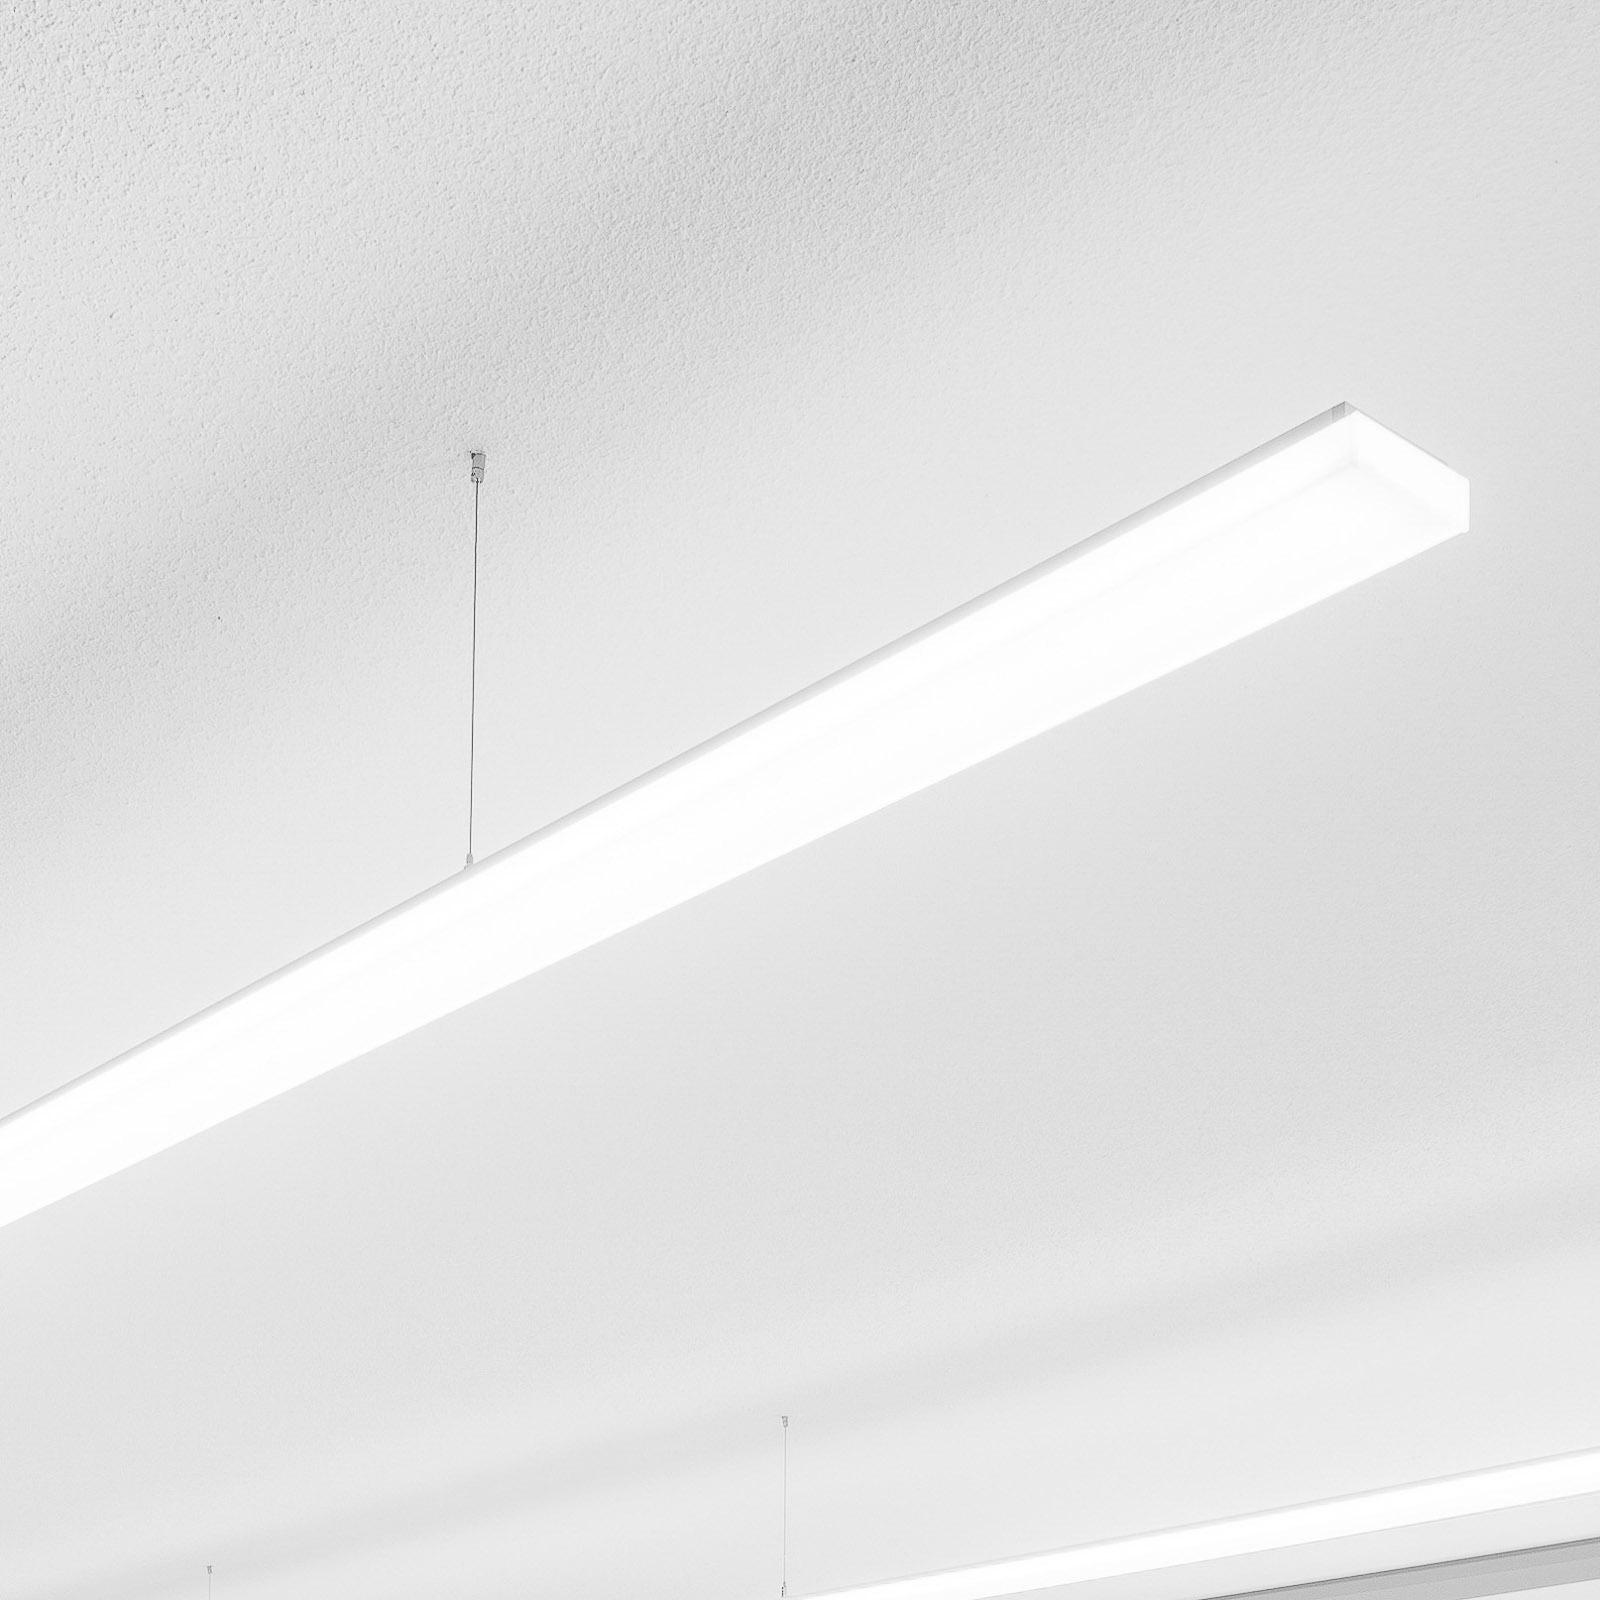 Regent Purelite Office lampa sufitowa 123,1cm